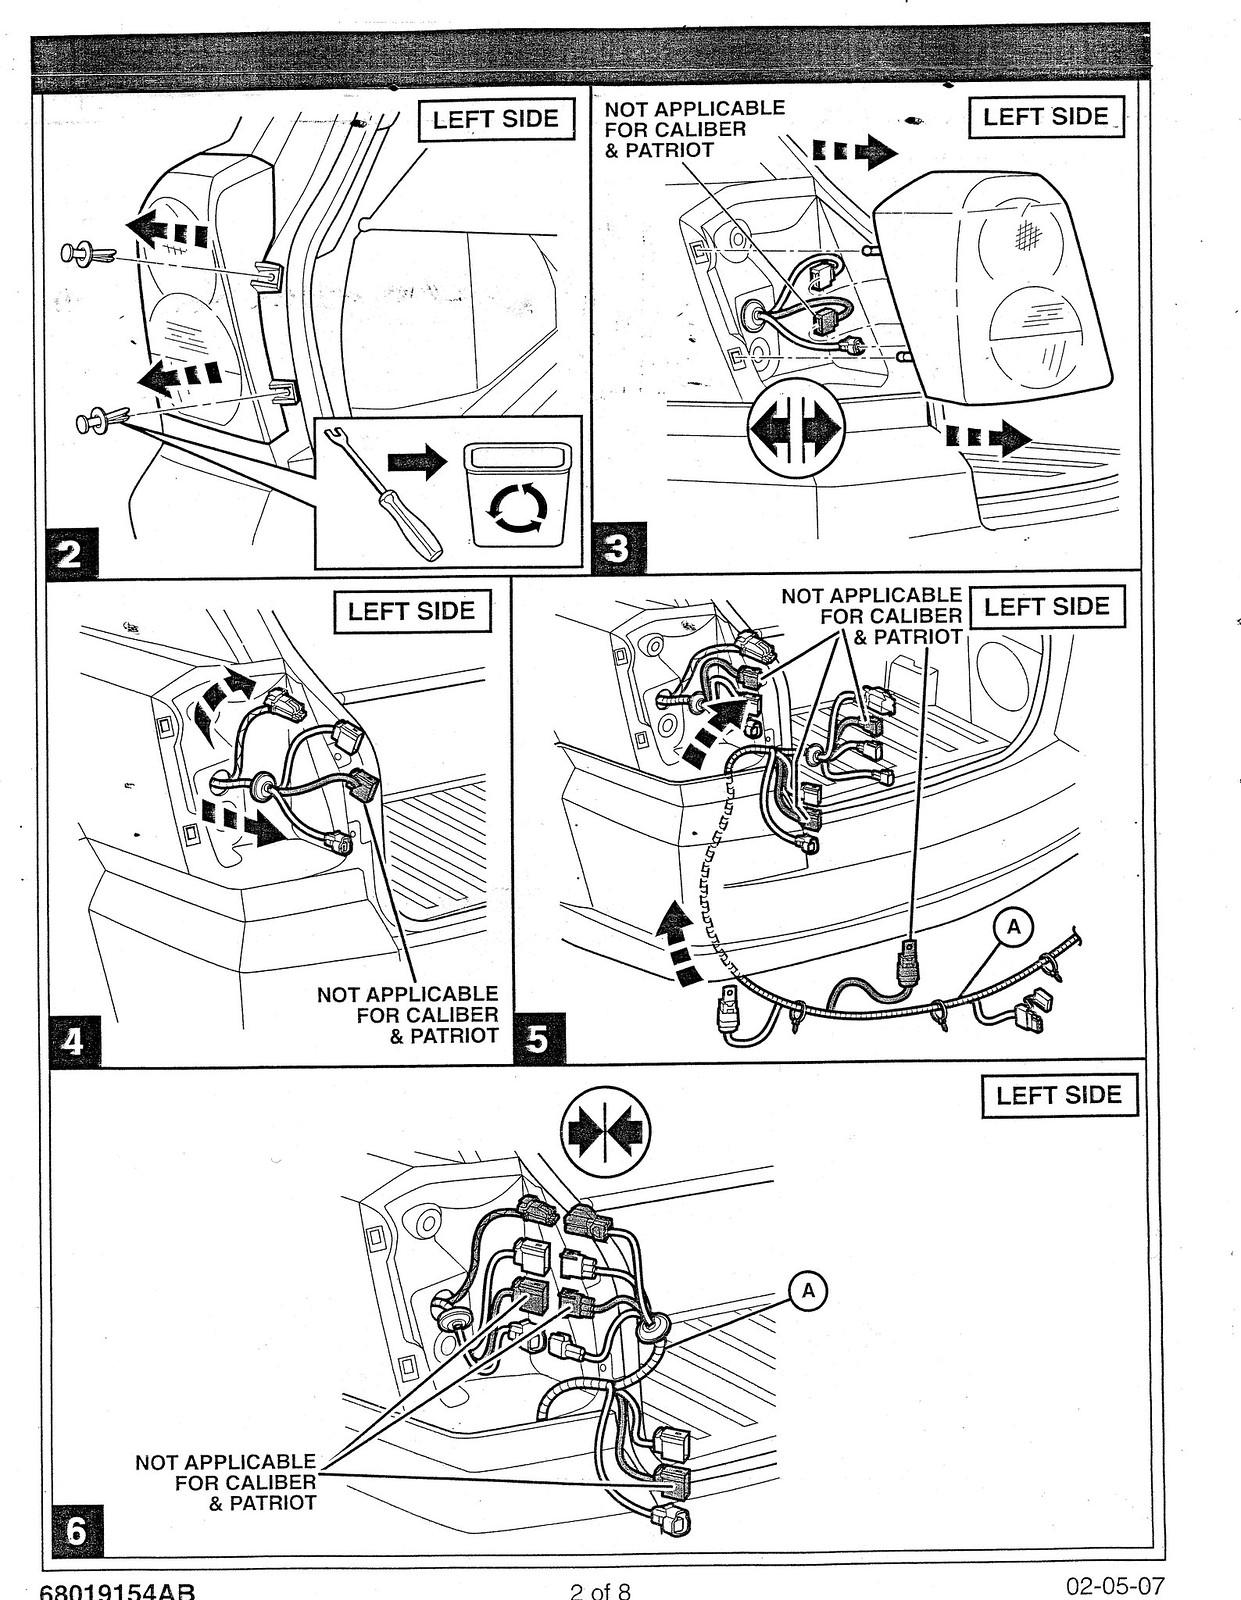 07 Fdi Tow Wiring Harness Install Manual